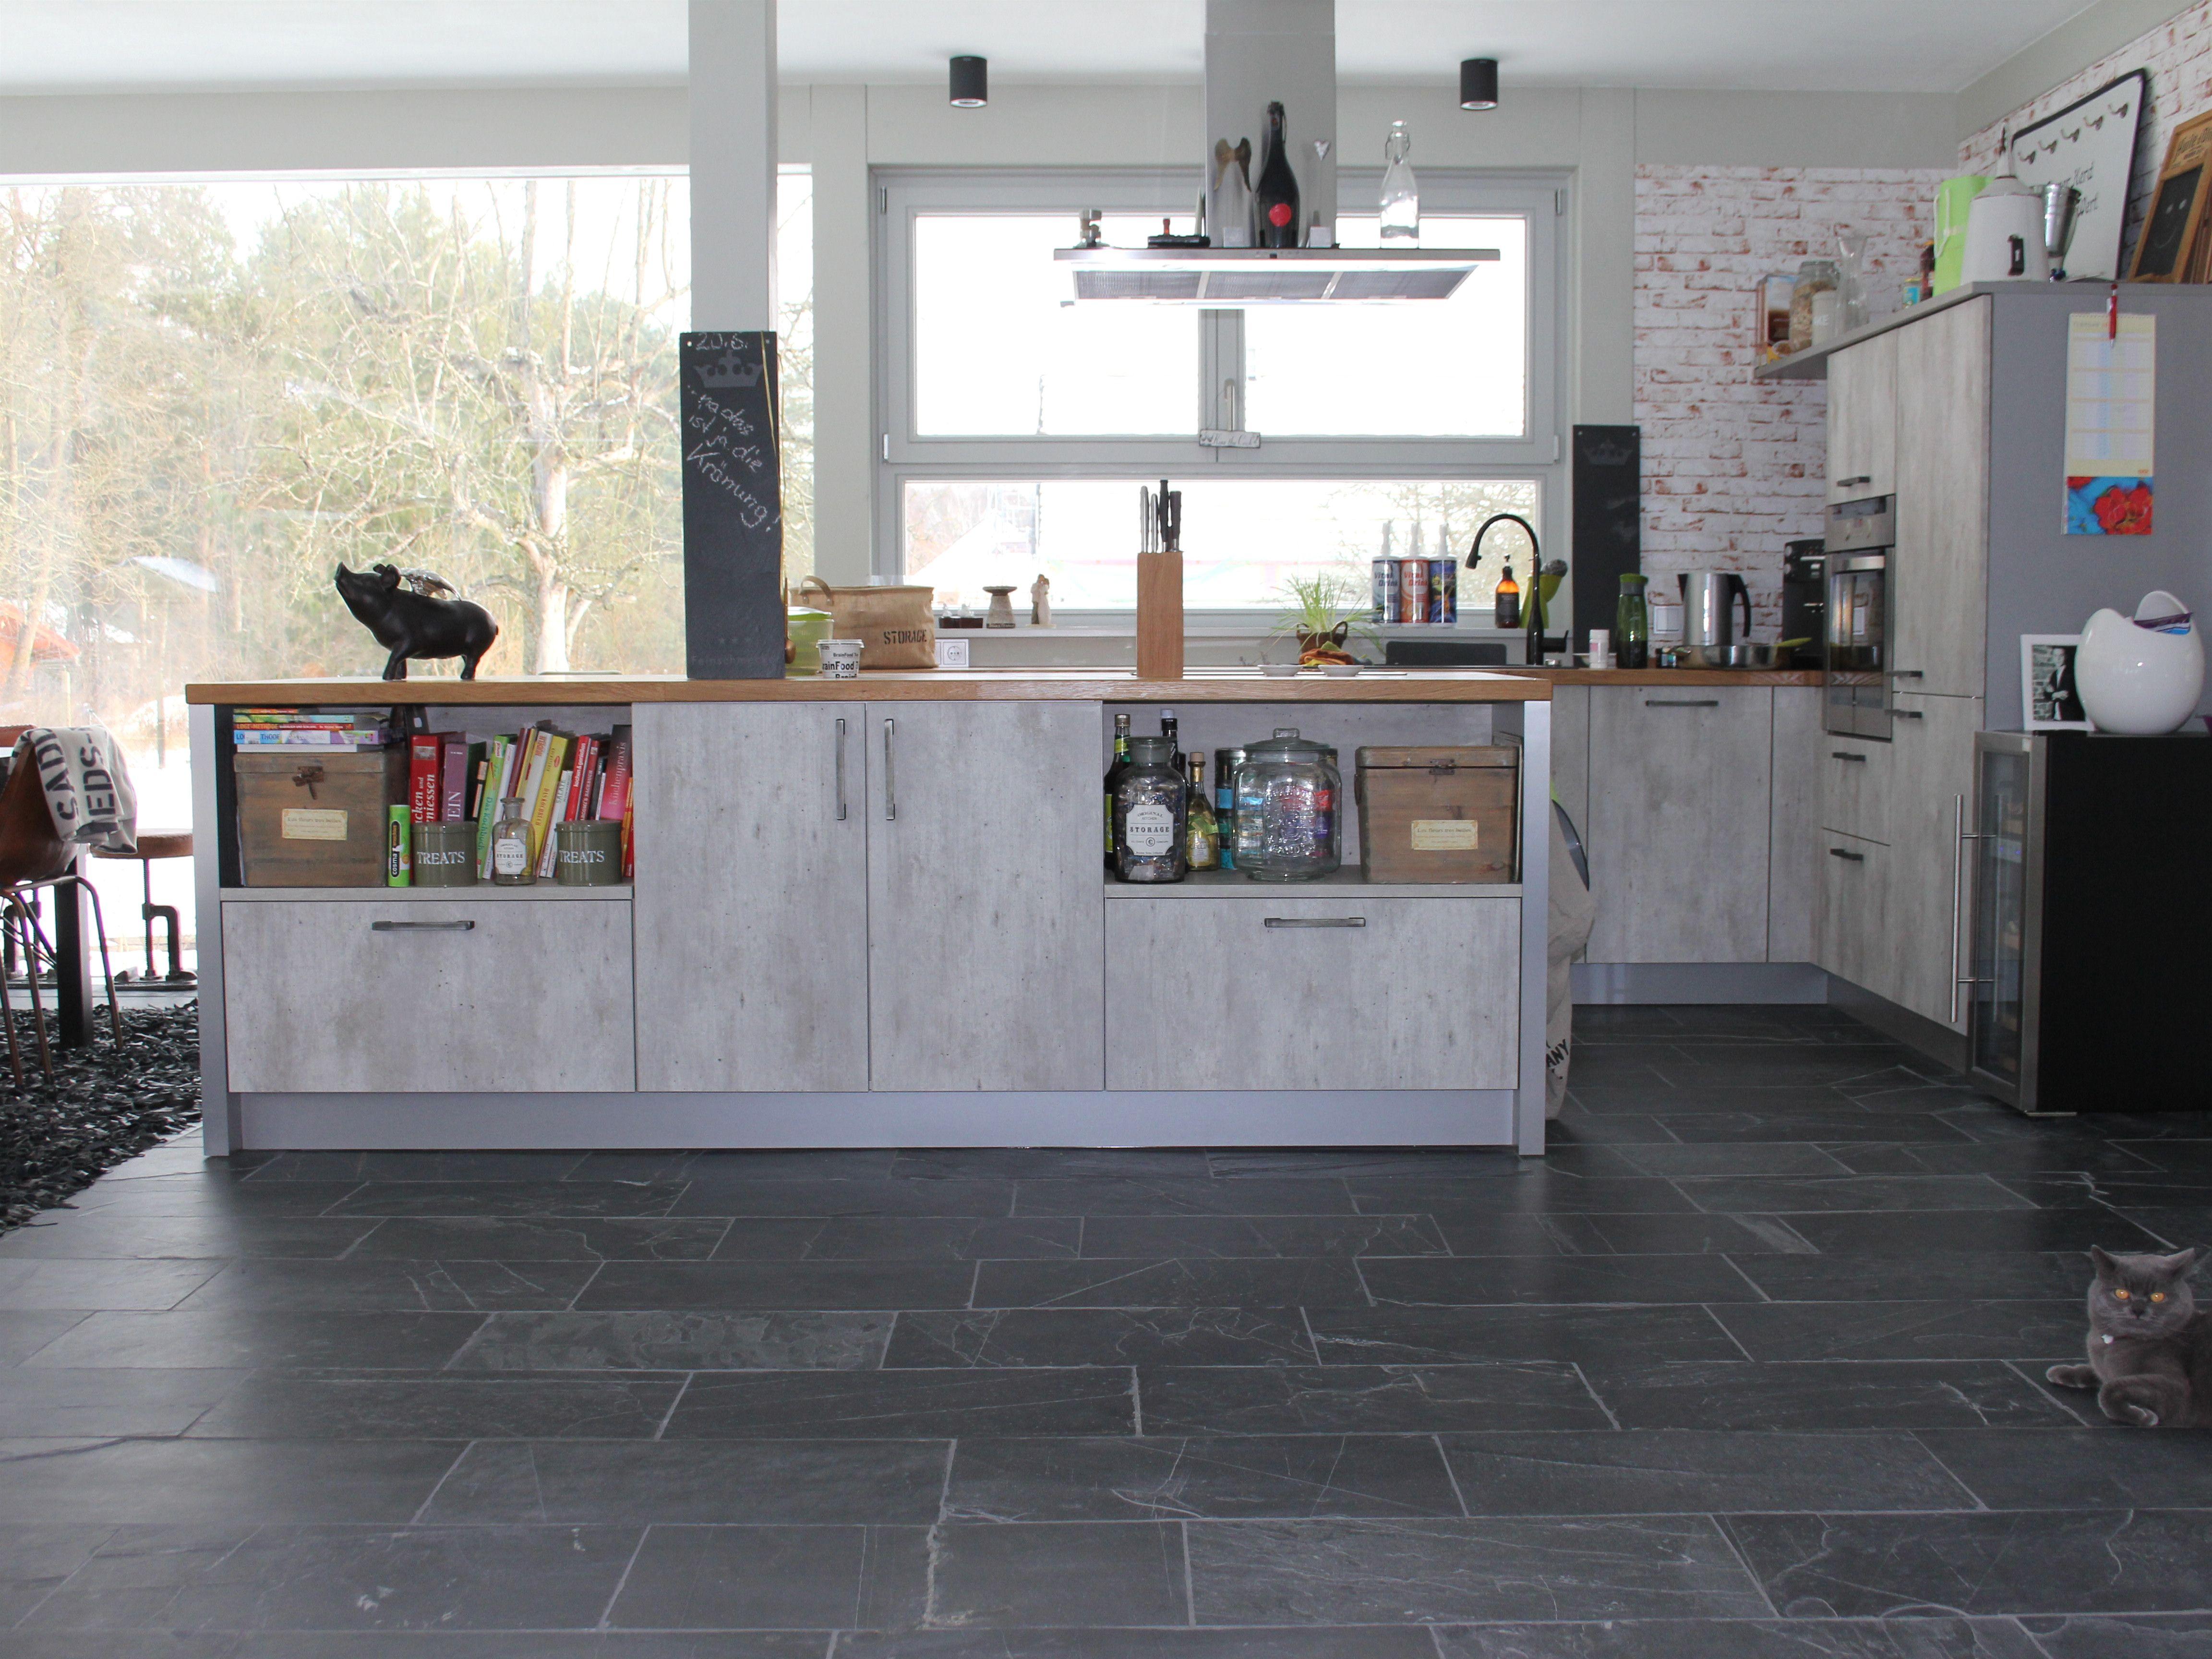 Moderne Bodenfliesen Jenseits Des Glaubens Auf Dekoideen Fur Ihr Zuhause  Mit Zusätzlichen Küchen Mit Kochinsel Und